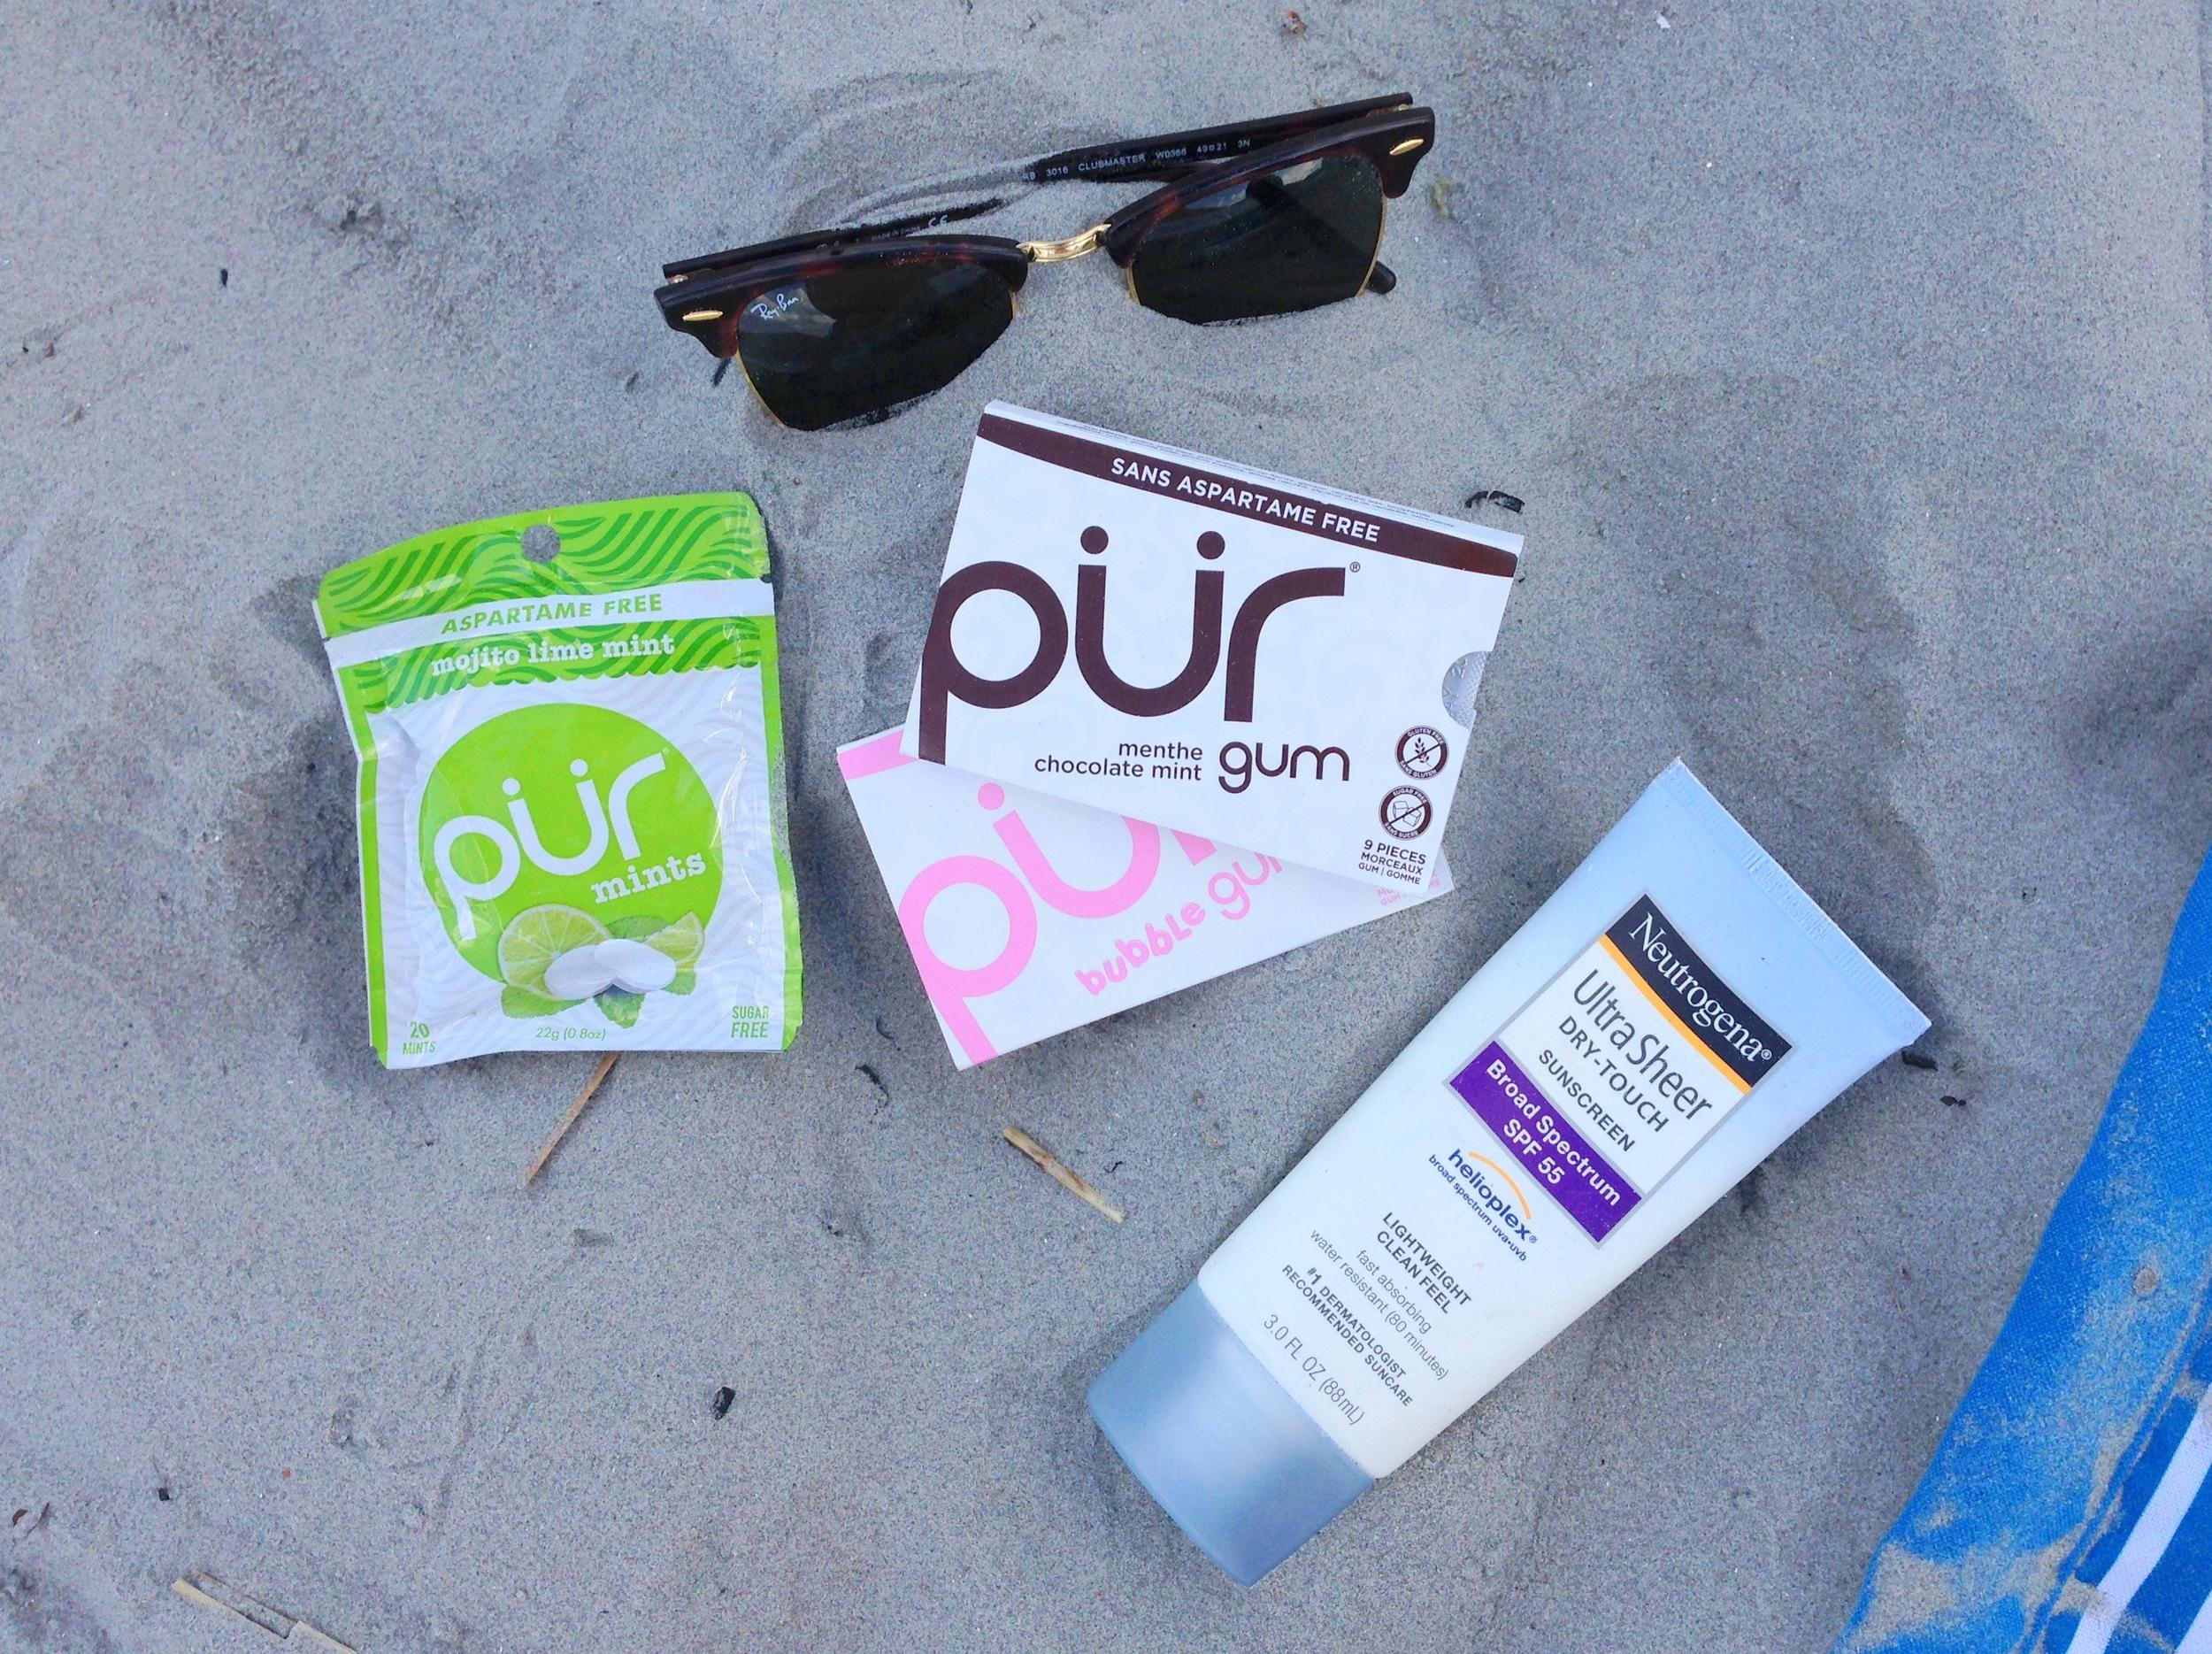 pur gum at the beach